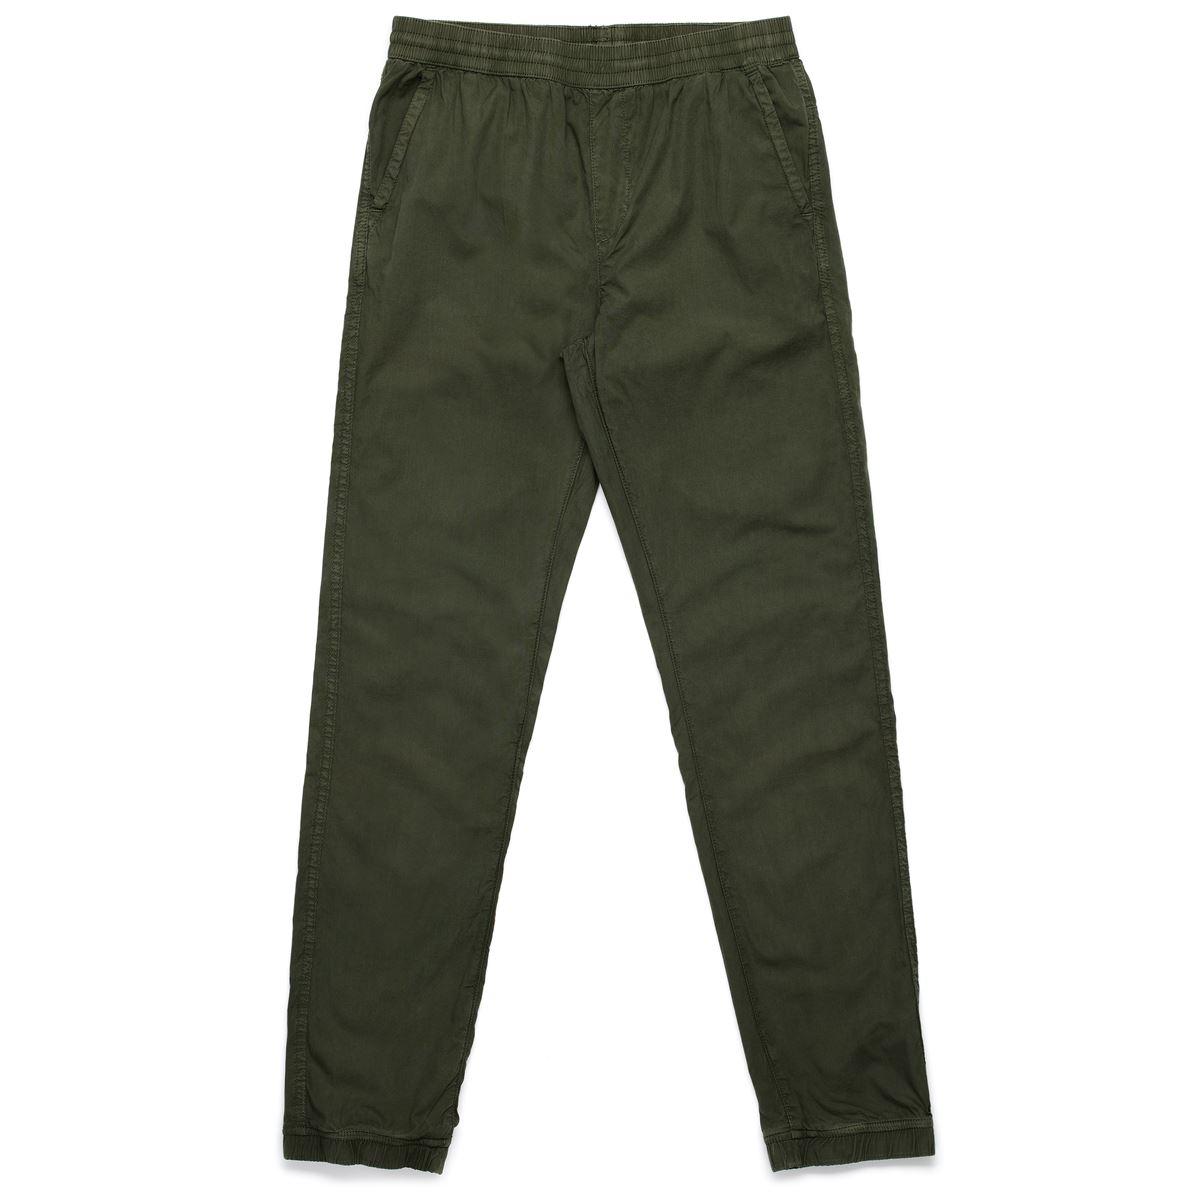 Robe di Kappa Pantaloni uomo-611219W